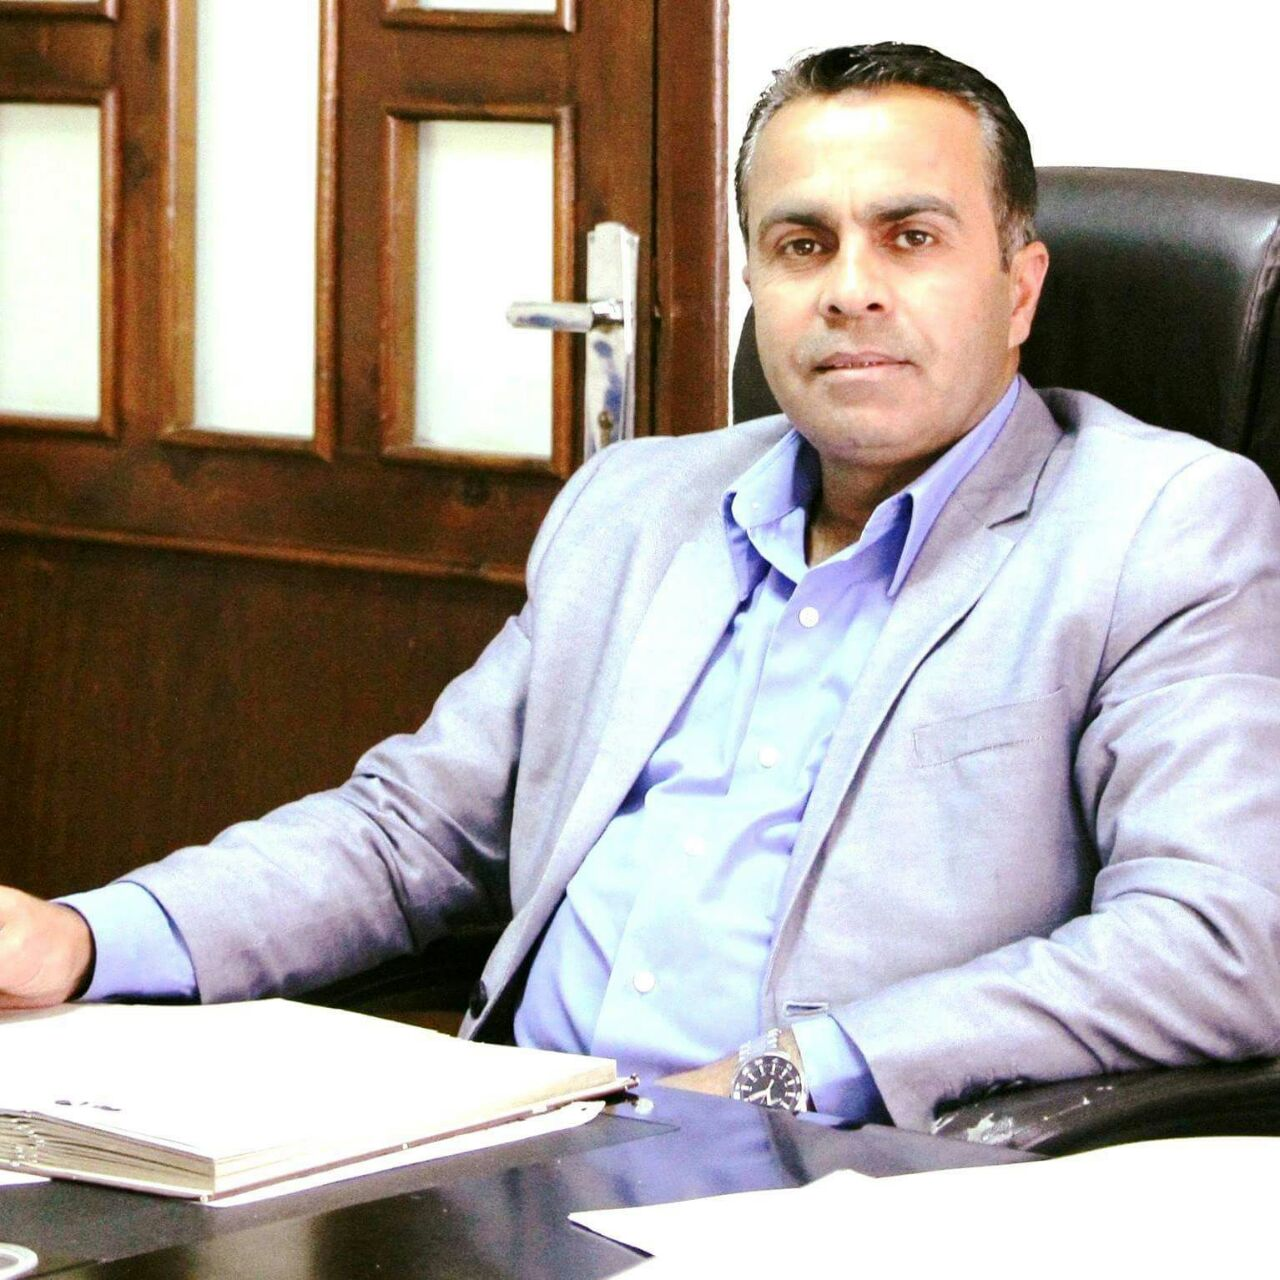 د. اسماعيل ابوعامود